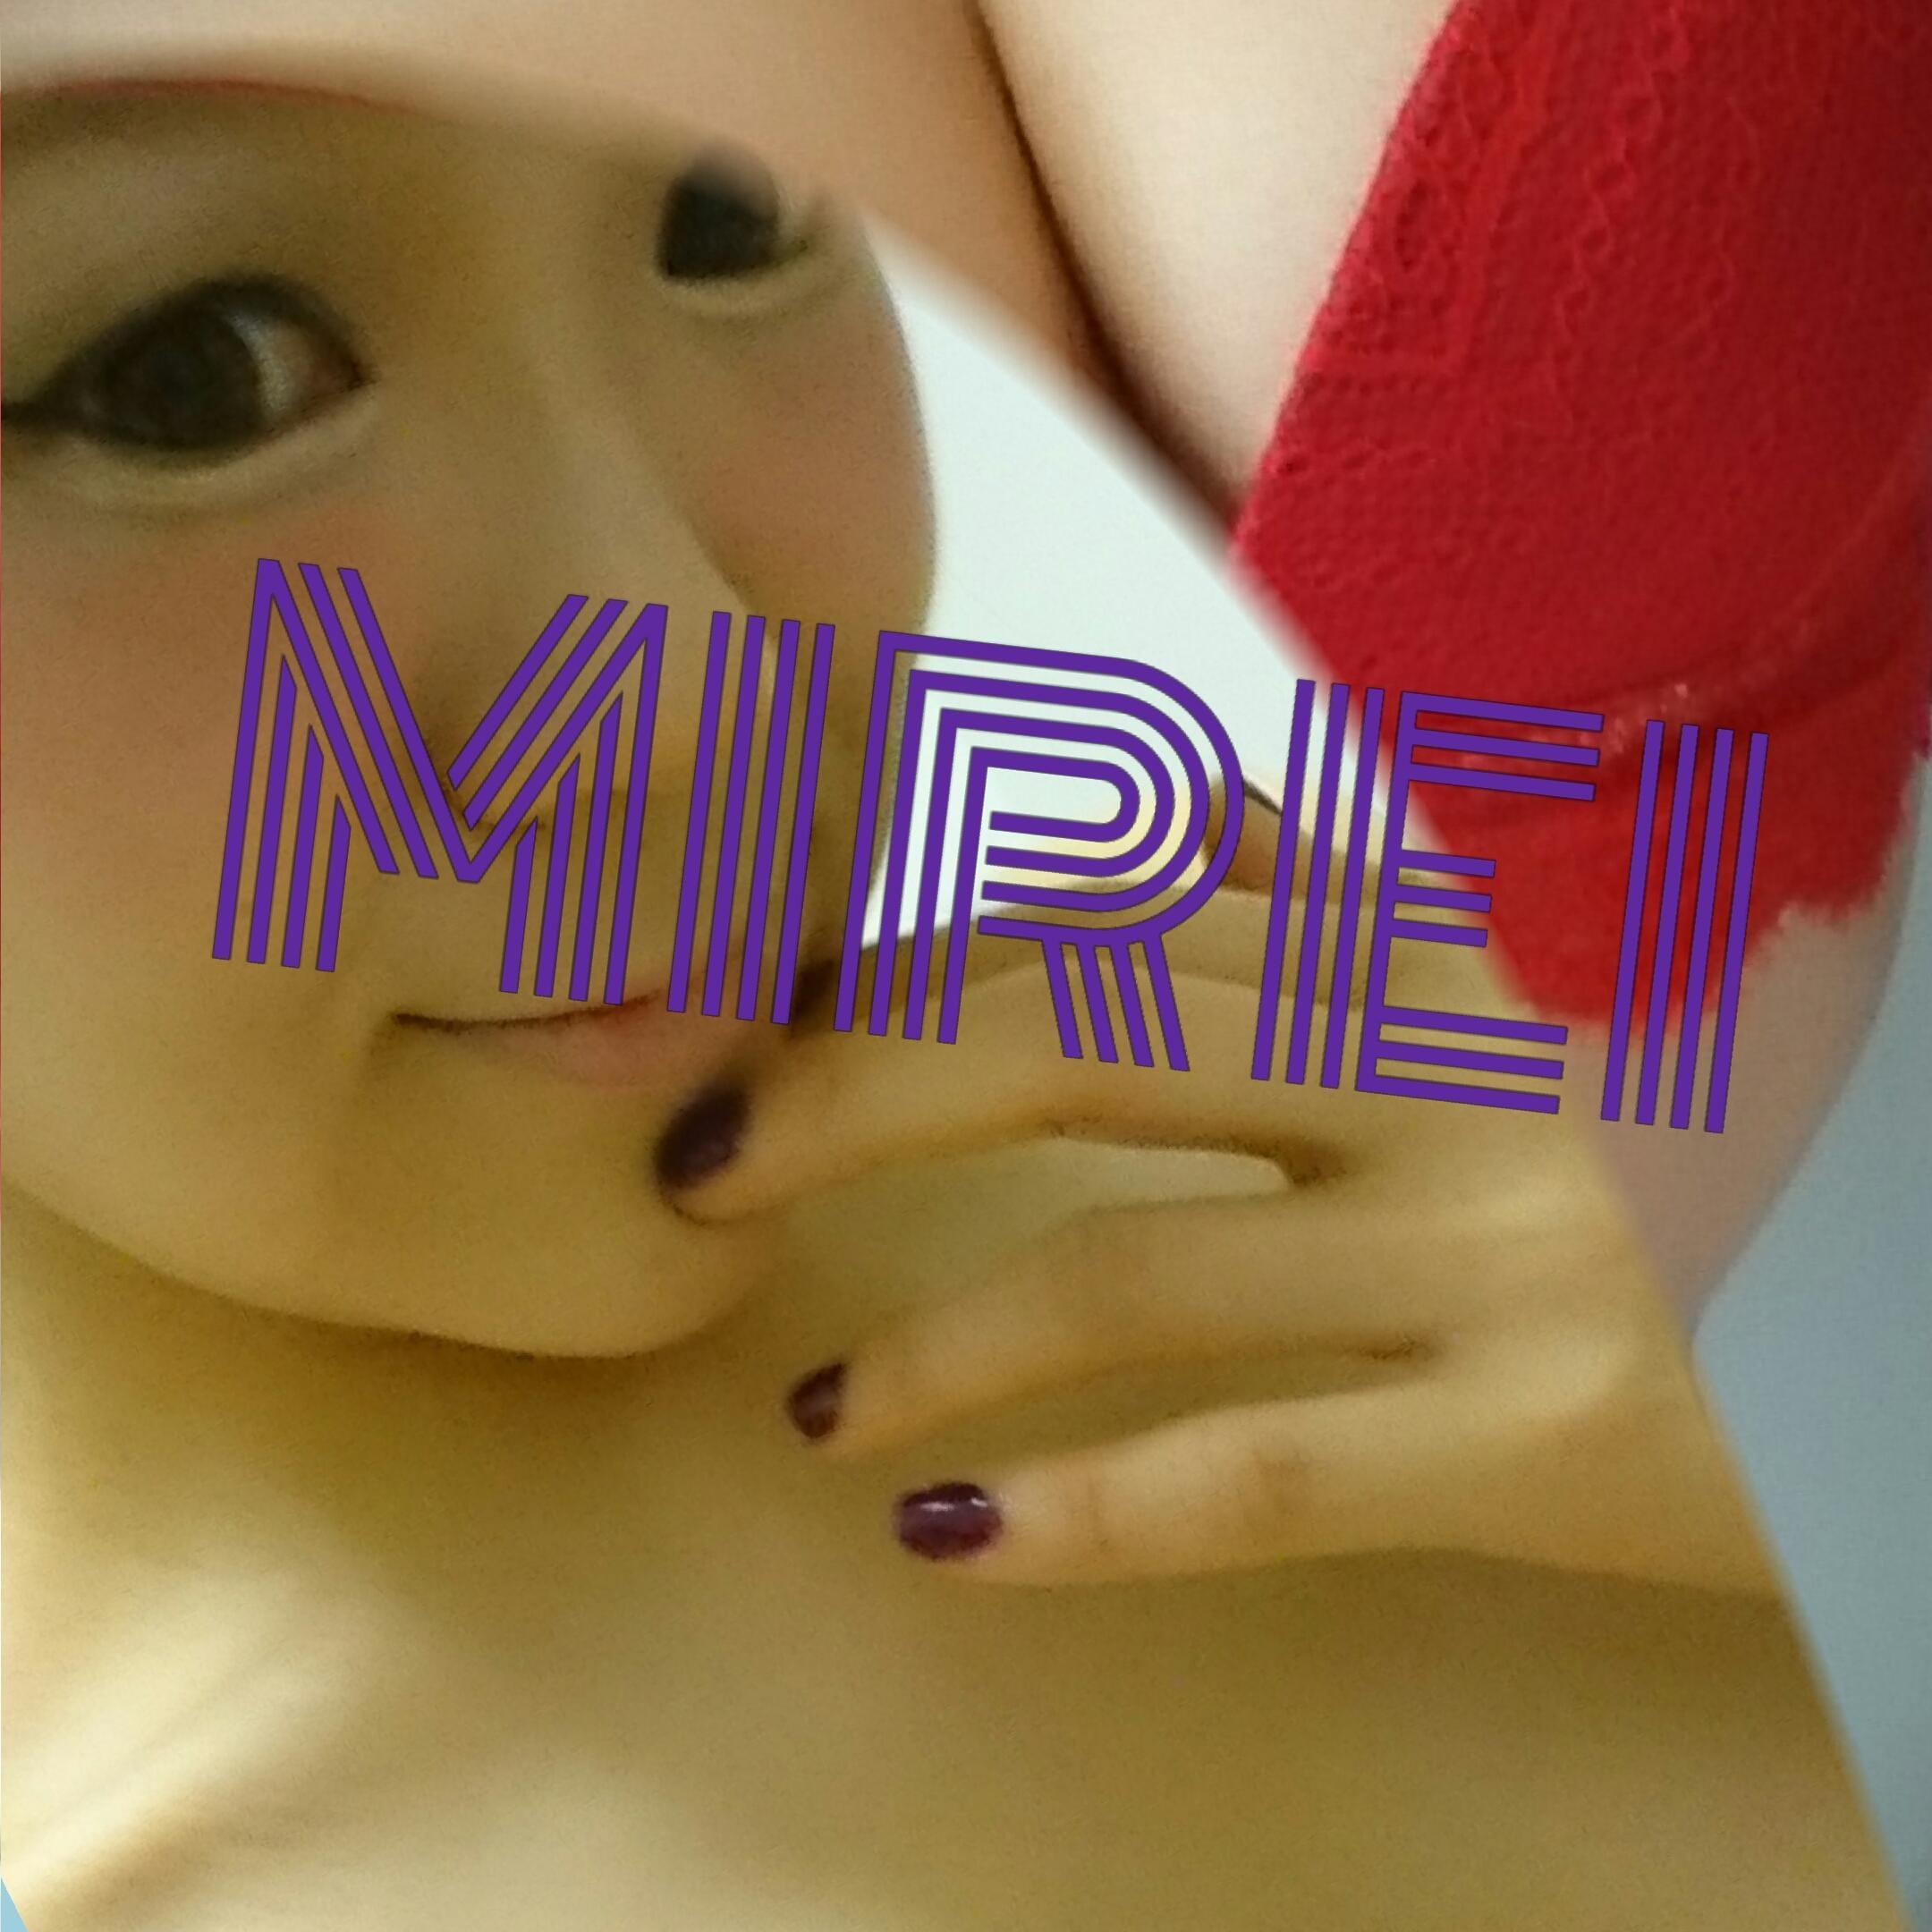 「10ゼゾンでお誘い下さったYさん…」08/19(08/19) 02:59 | 三浦みれいの写メ・風俗動画